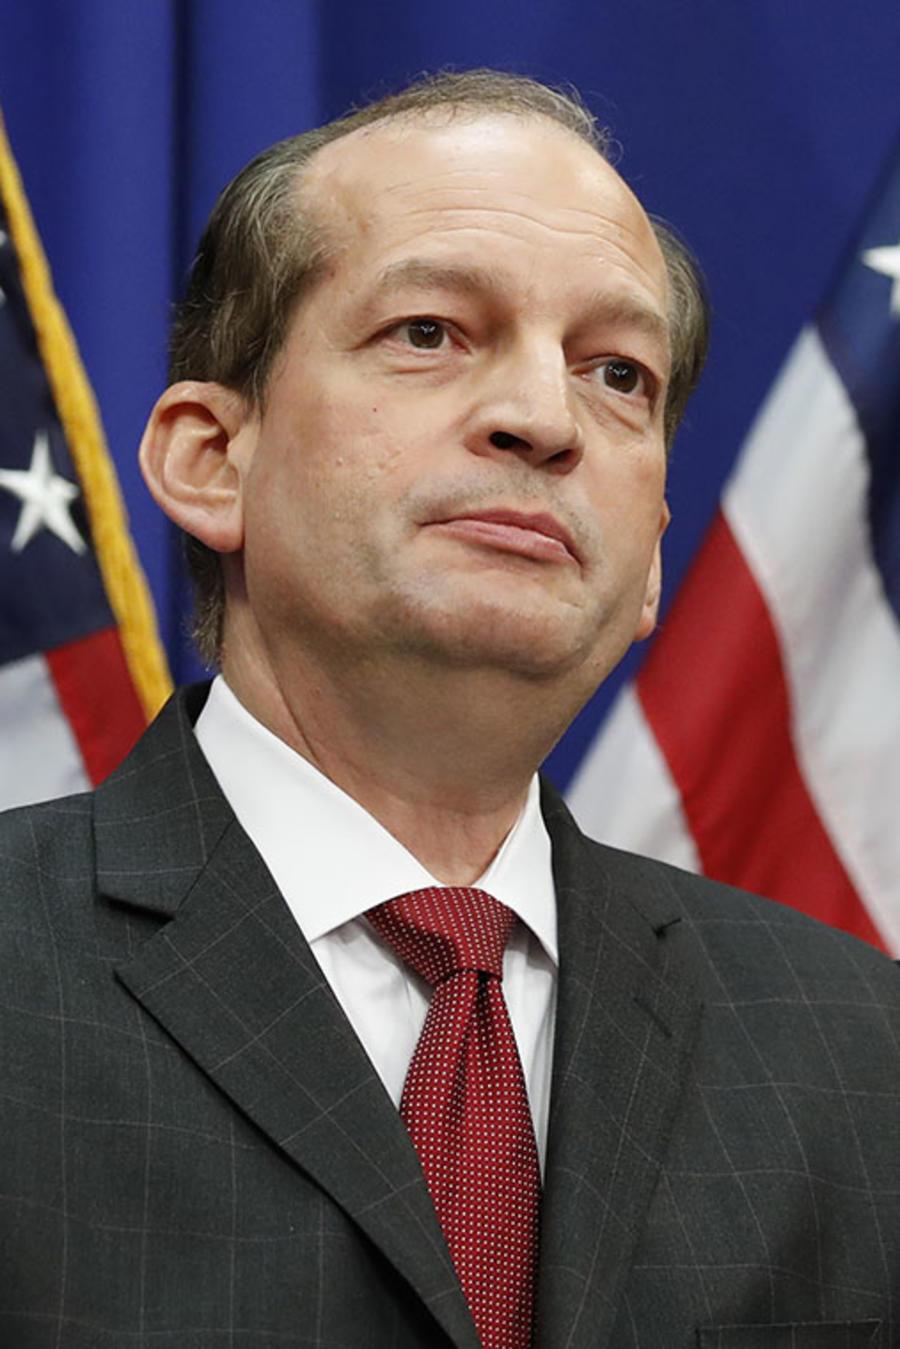 El secretario de Trabajo Alex Acosta durante una conferencia de prensa en la sede del Departamento del Trabajo, en Washington.